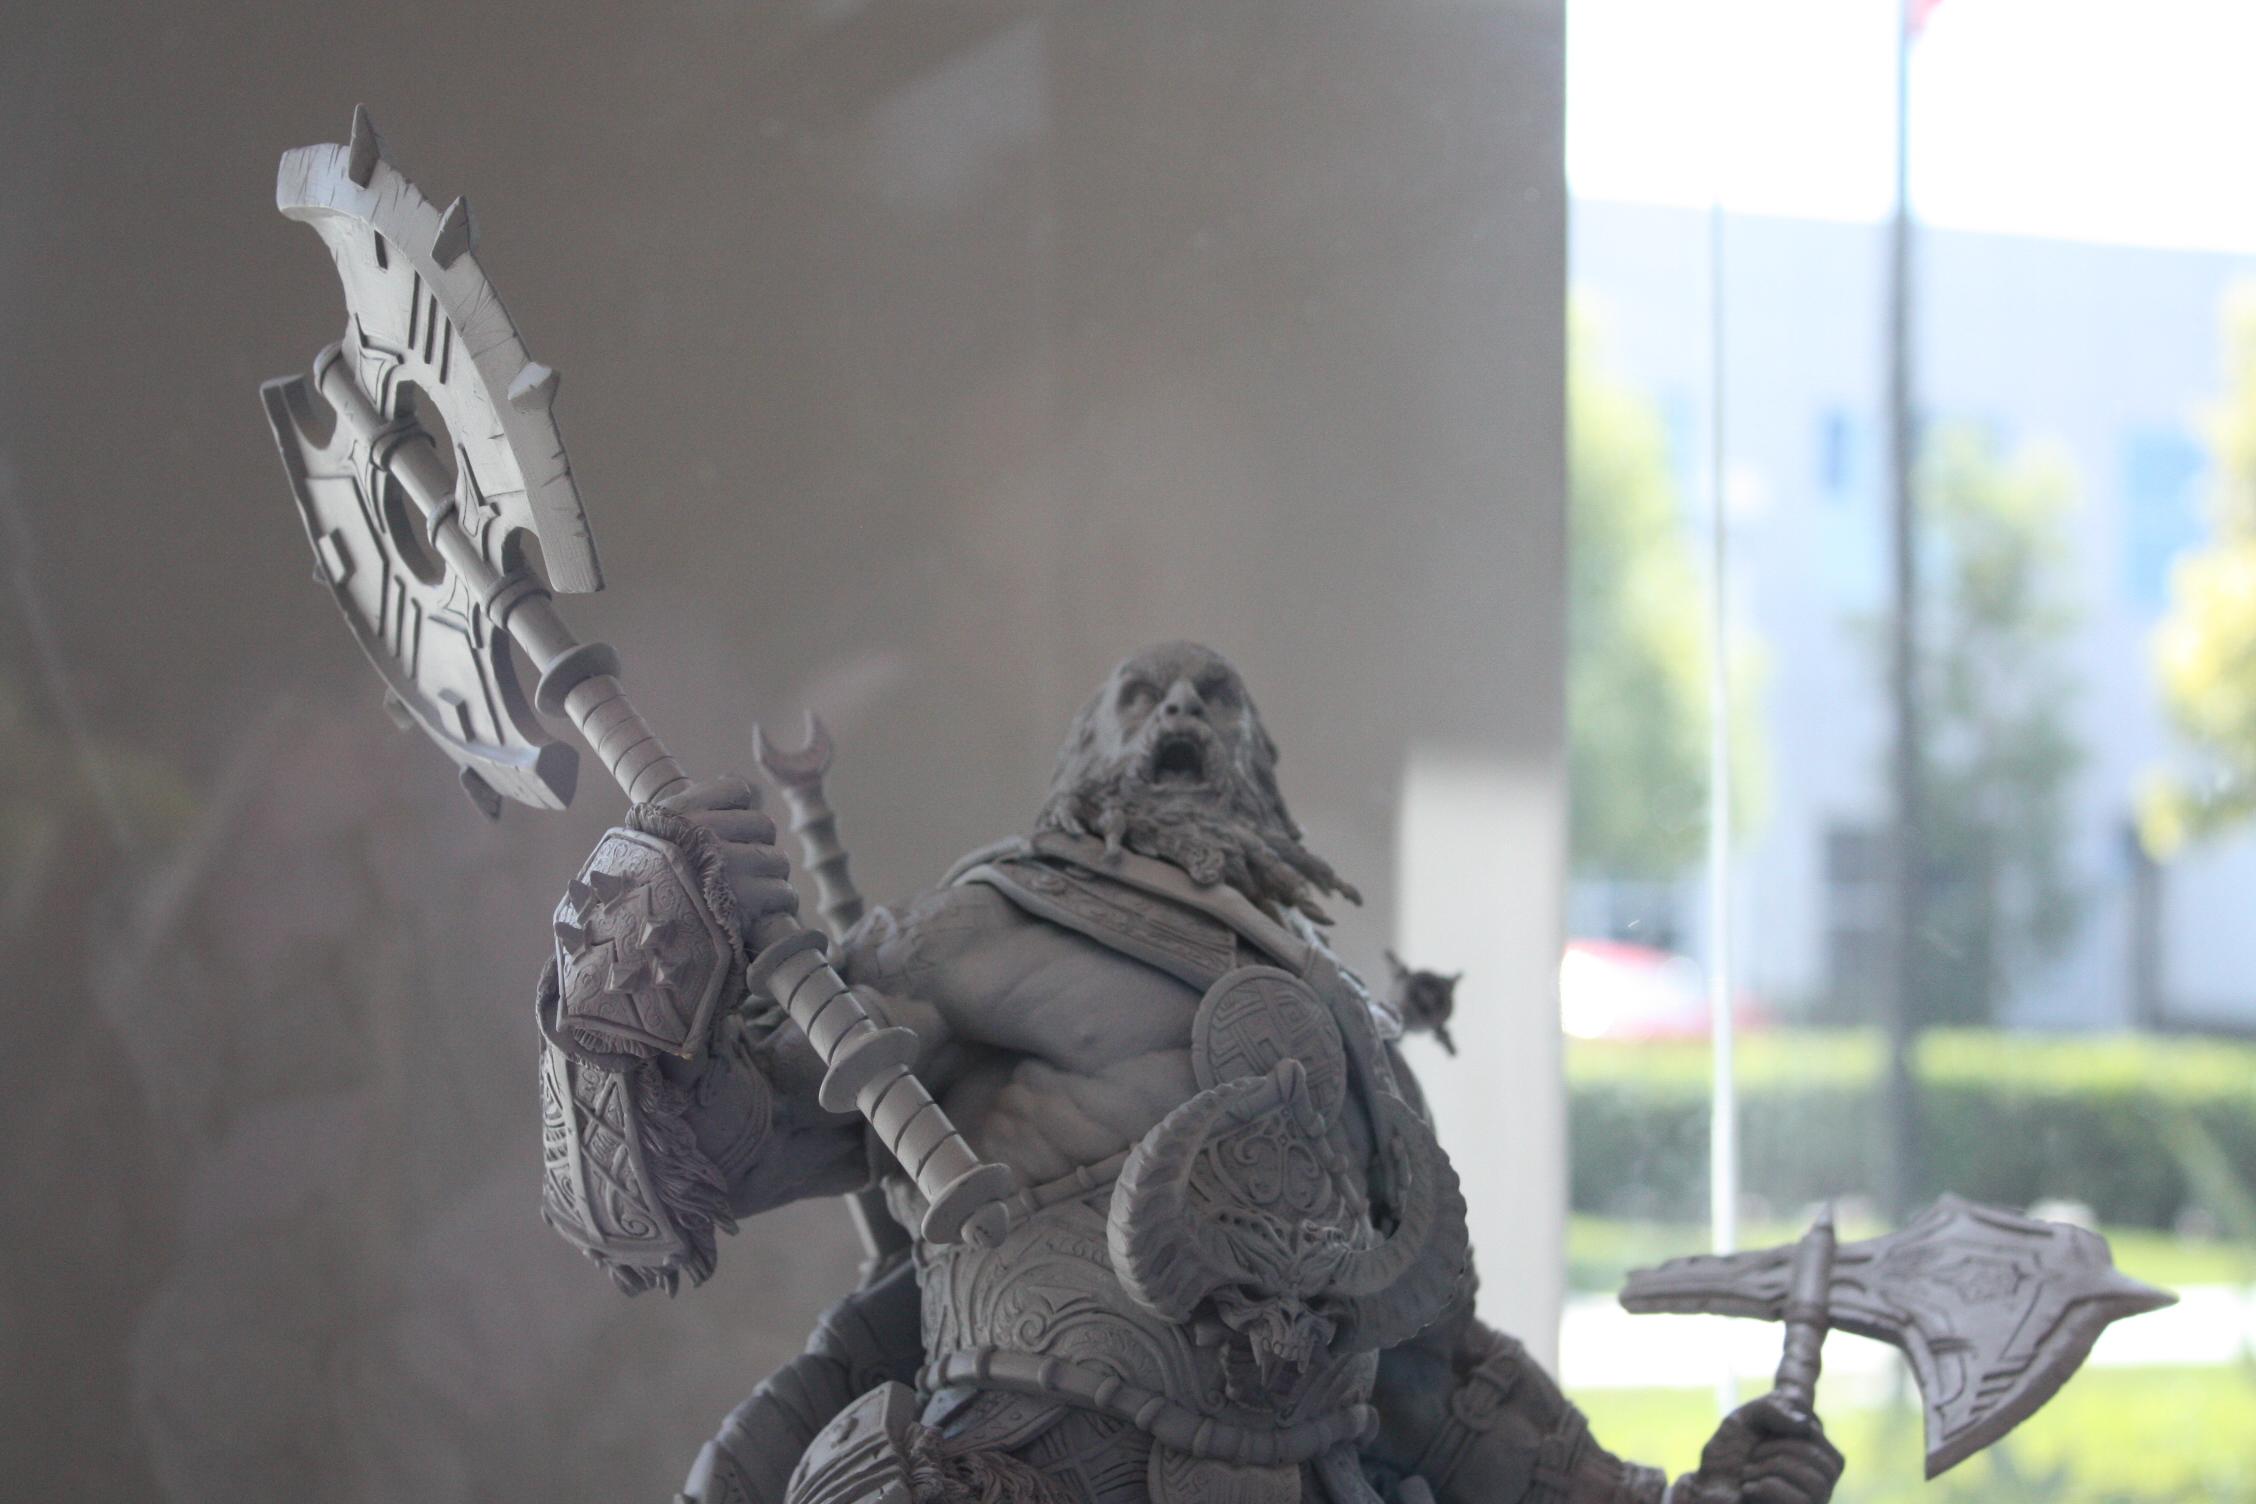 Photo de la statuette du barbare de Diablo III.